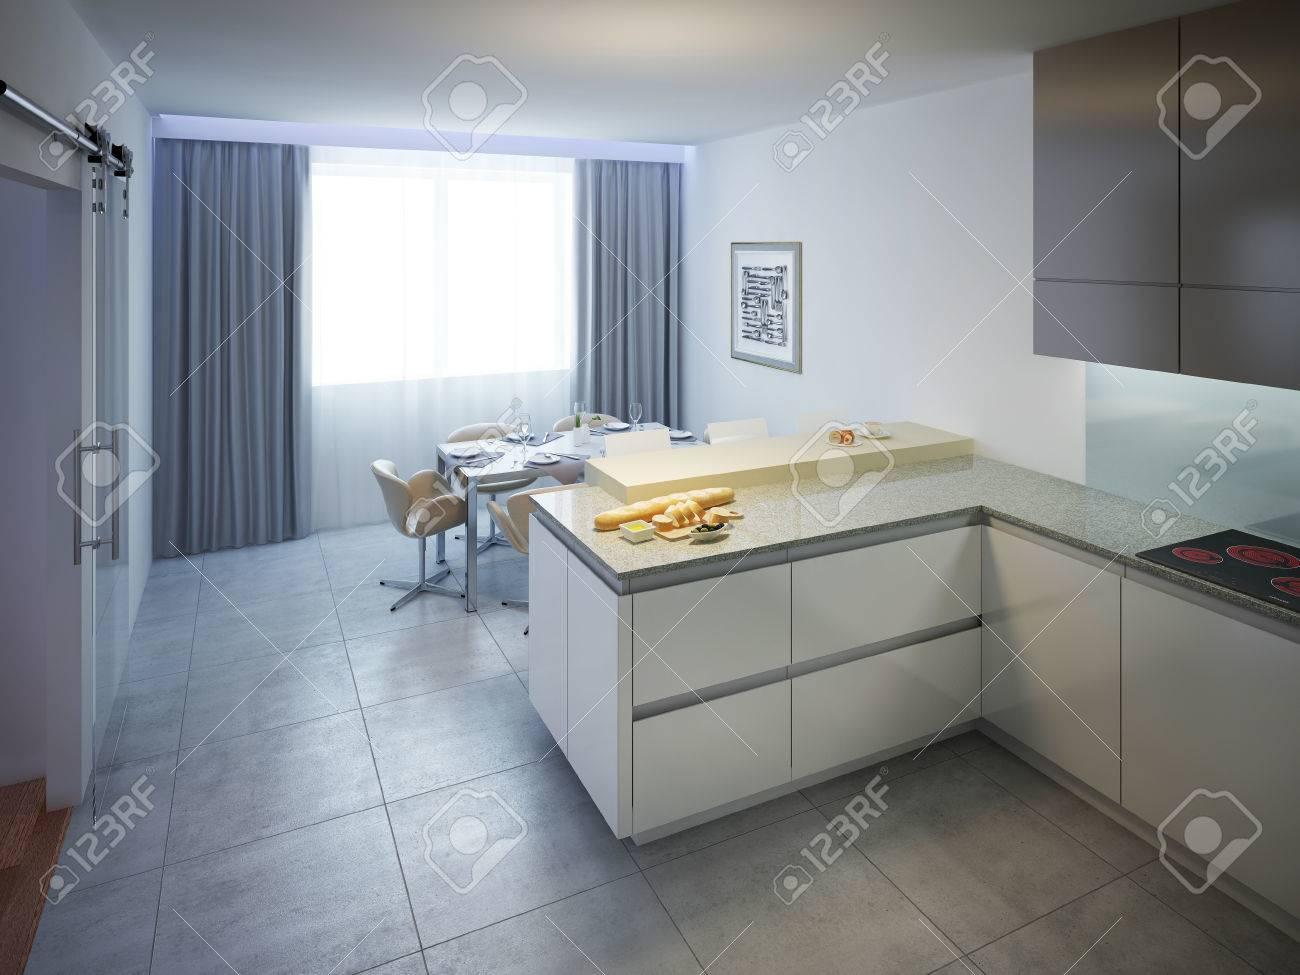 marmor kuche mit beton wand minimalistisch design, moderne küchendesign. das innere der modernen küche mit weißen, Design ideen